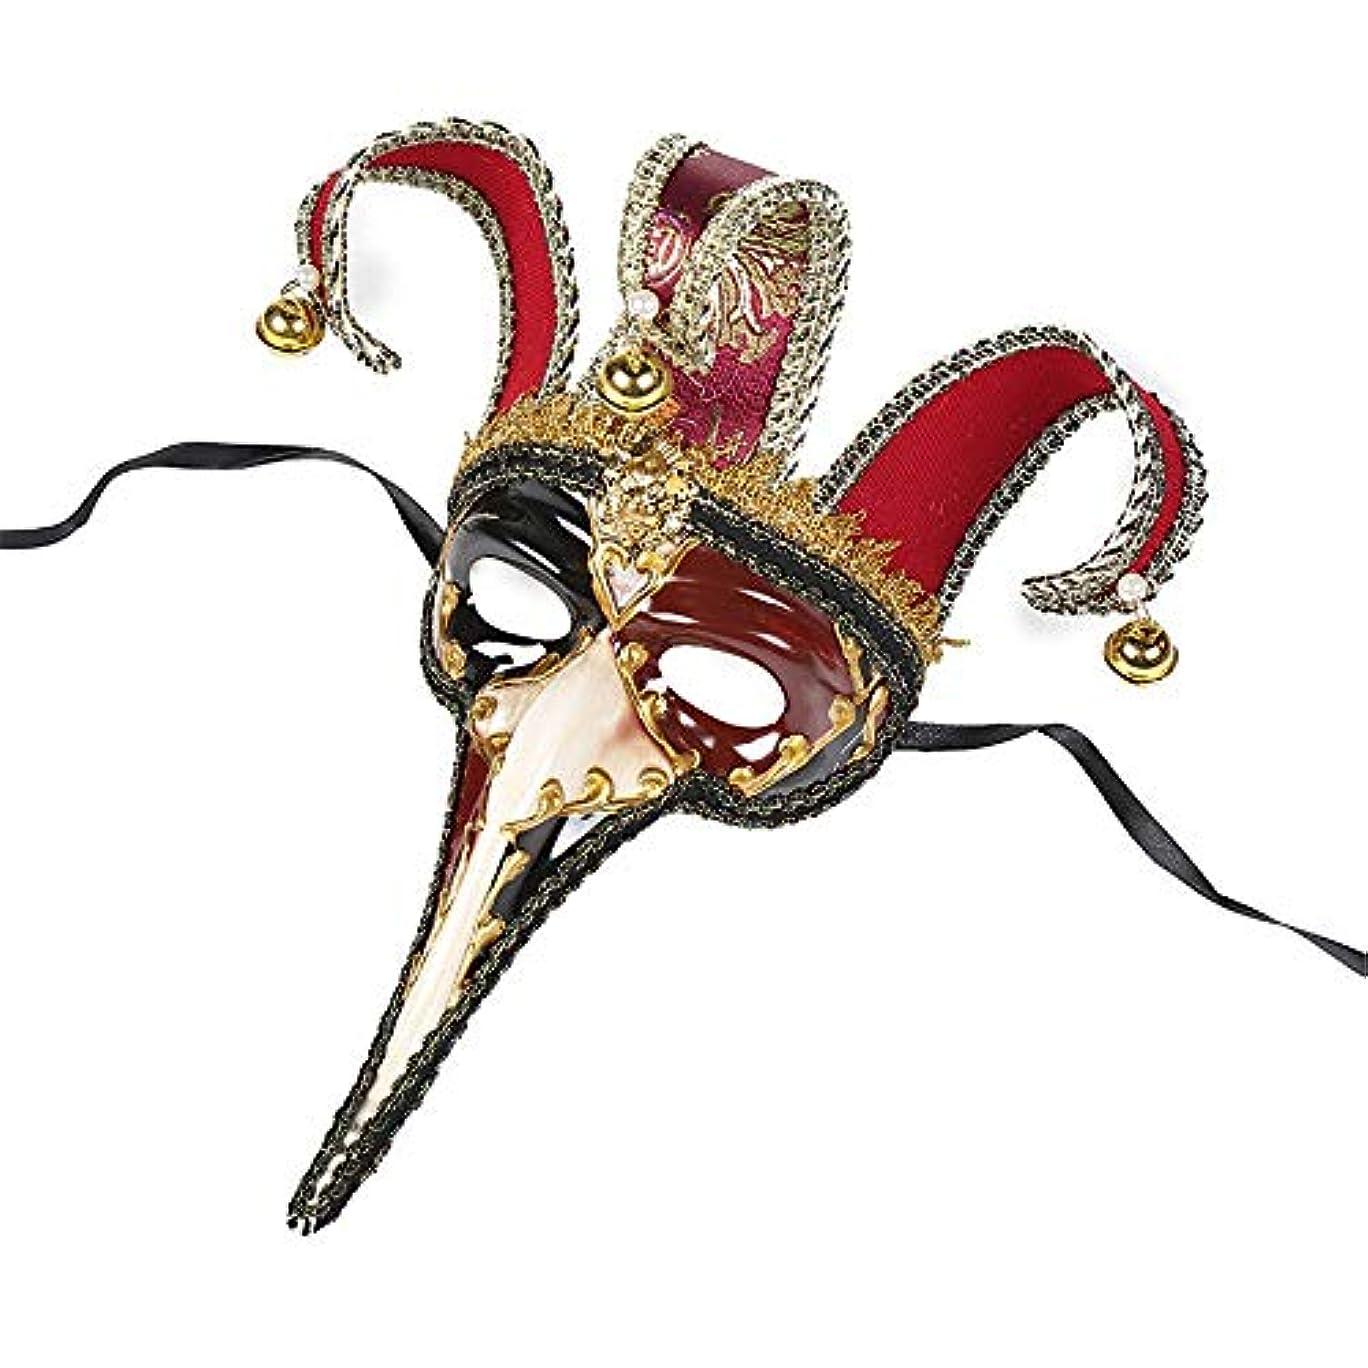 良性無秩序窓を洗うダンスマスク ハーフフェイス鼻フラミンゴハロウィーン仮装雰囲気クリスマスフェスティバルロールプレイングプラスチックマスク ホリデーパーティー用品 (色 : 赤, サイズ : 42x15cm)